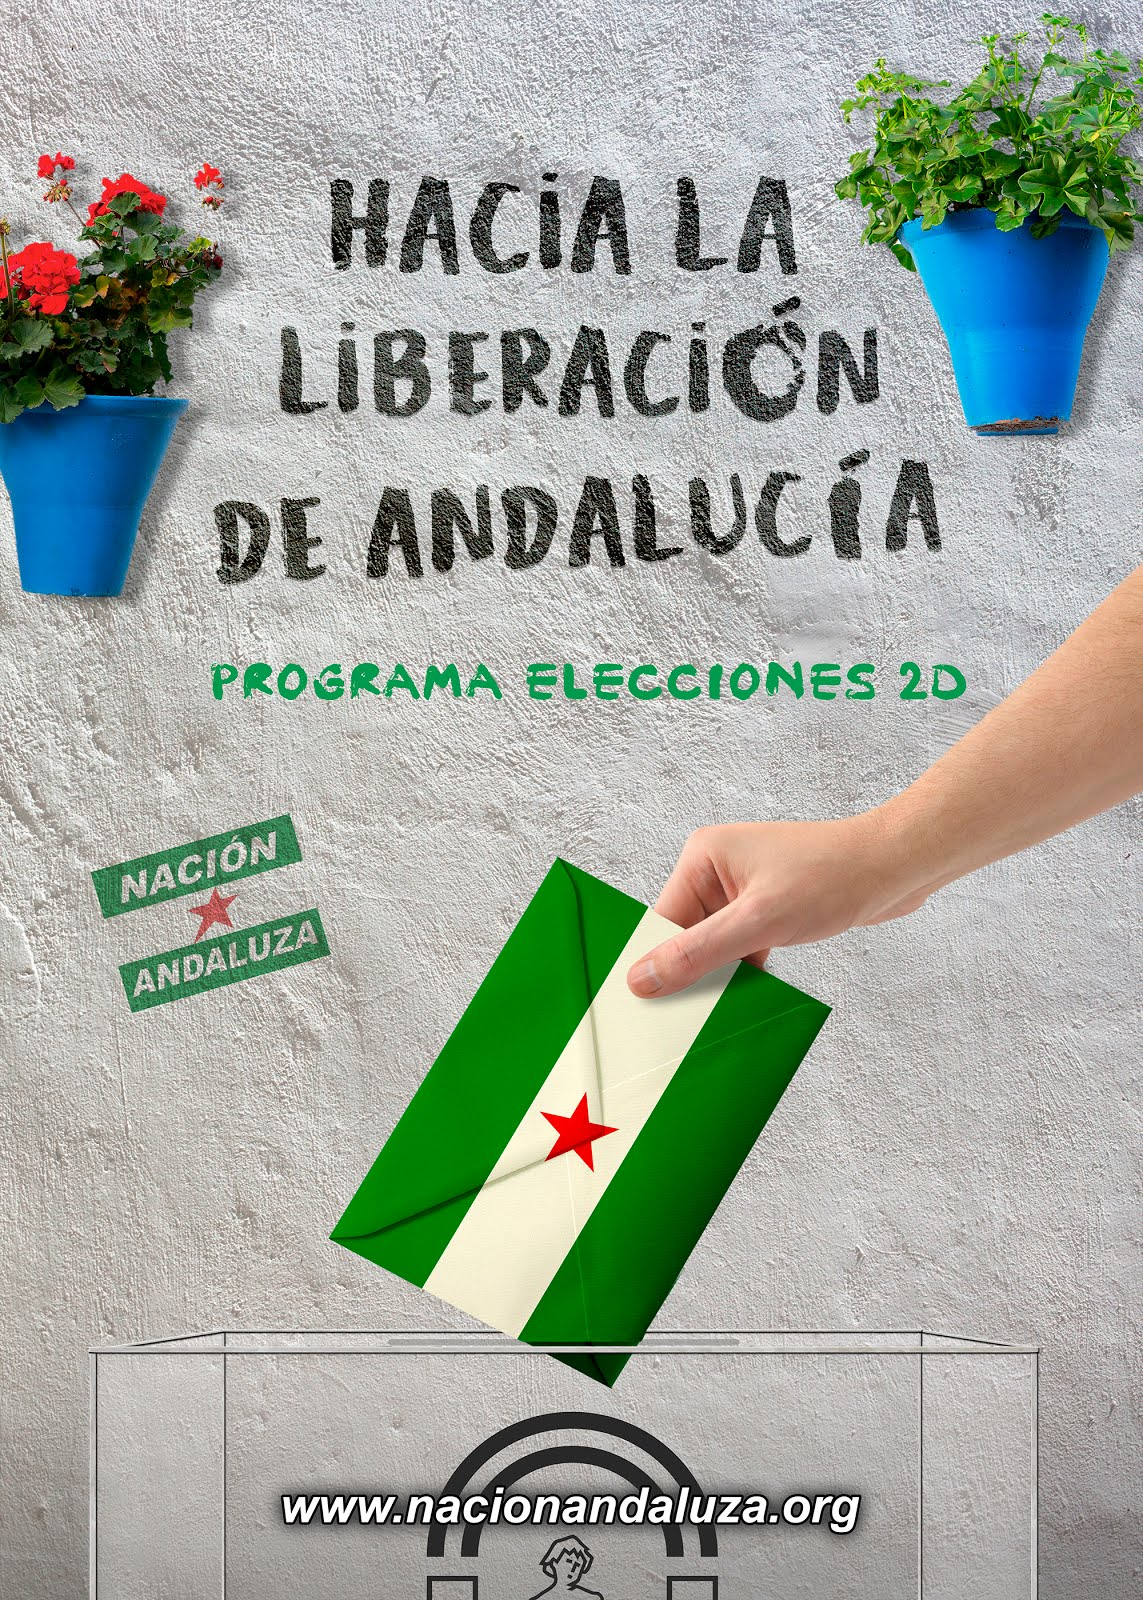 Elecciones 2D: programa de Nación Andaluza